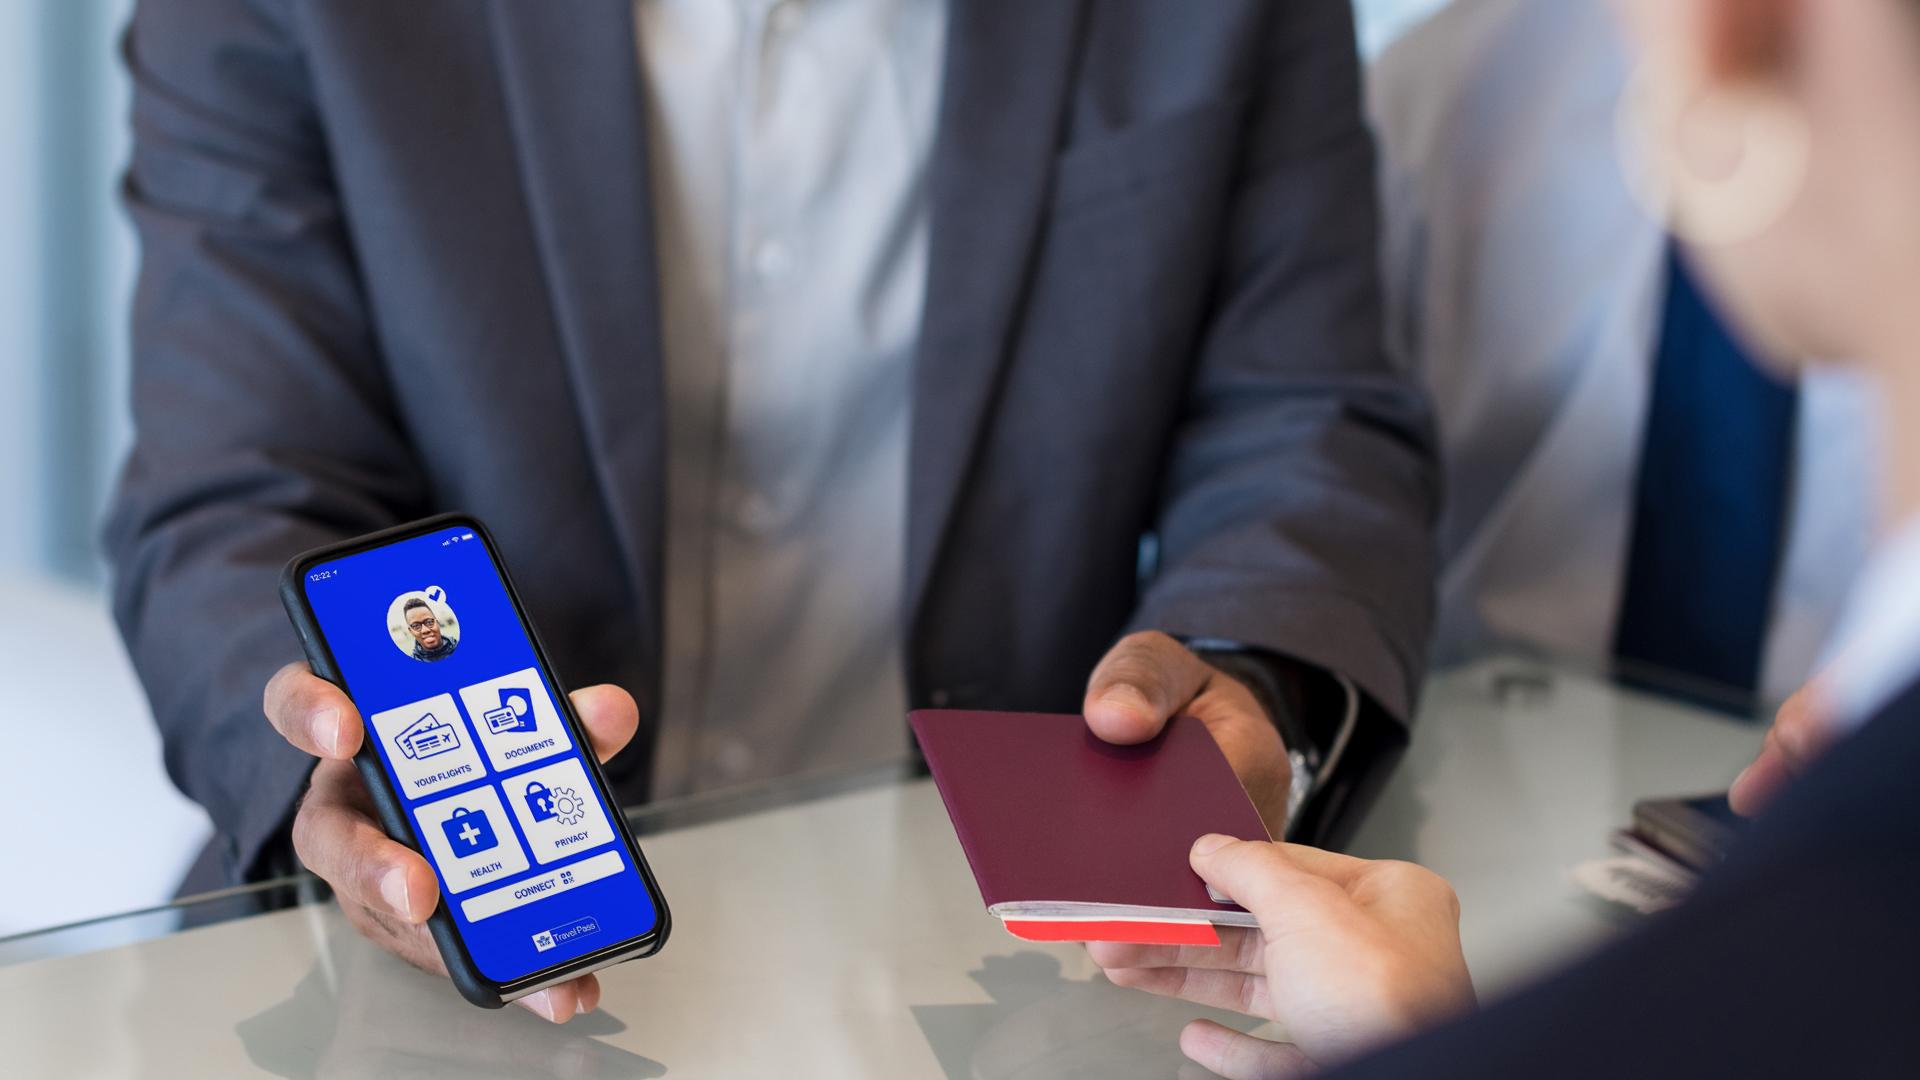 Vietjet thử nghiệm IATA Travel Pass cho hoạt động hàng không quốc tế - Ảnh 2.